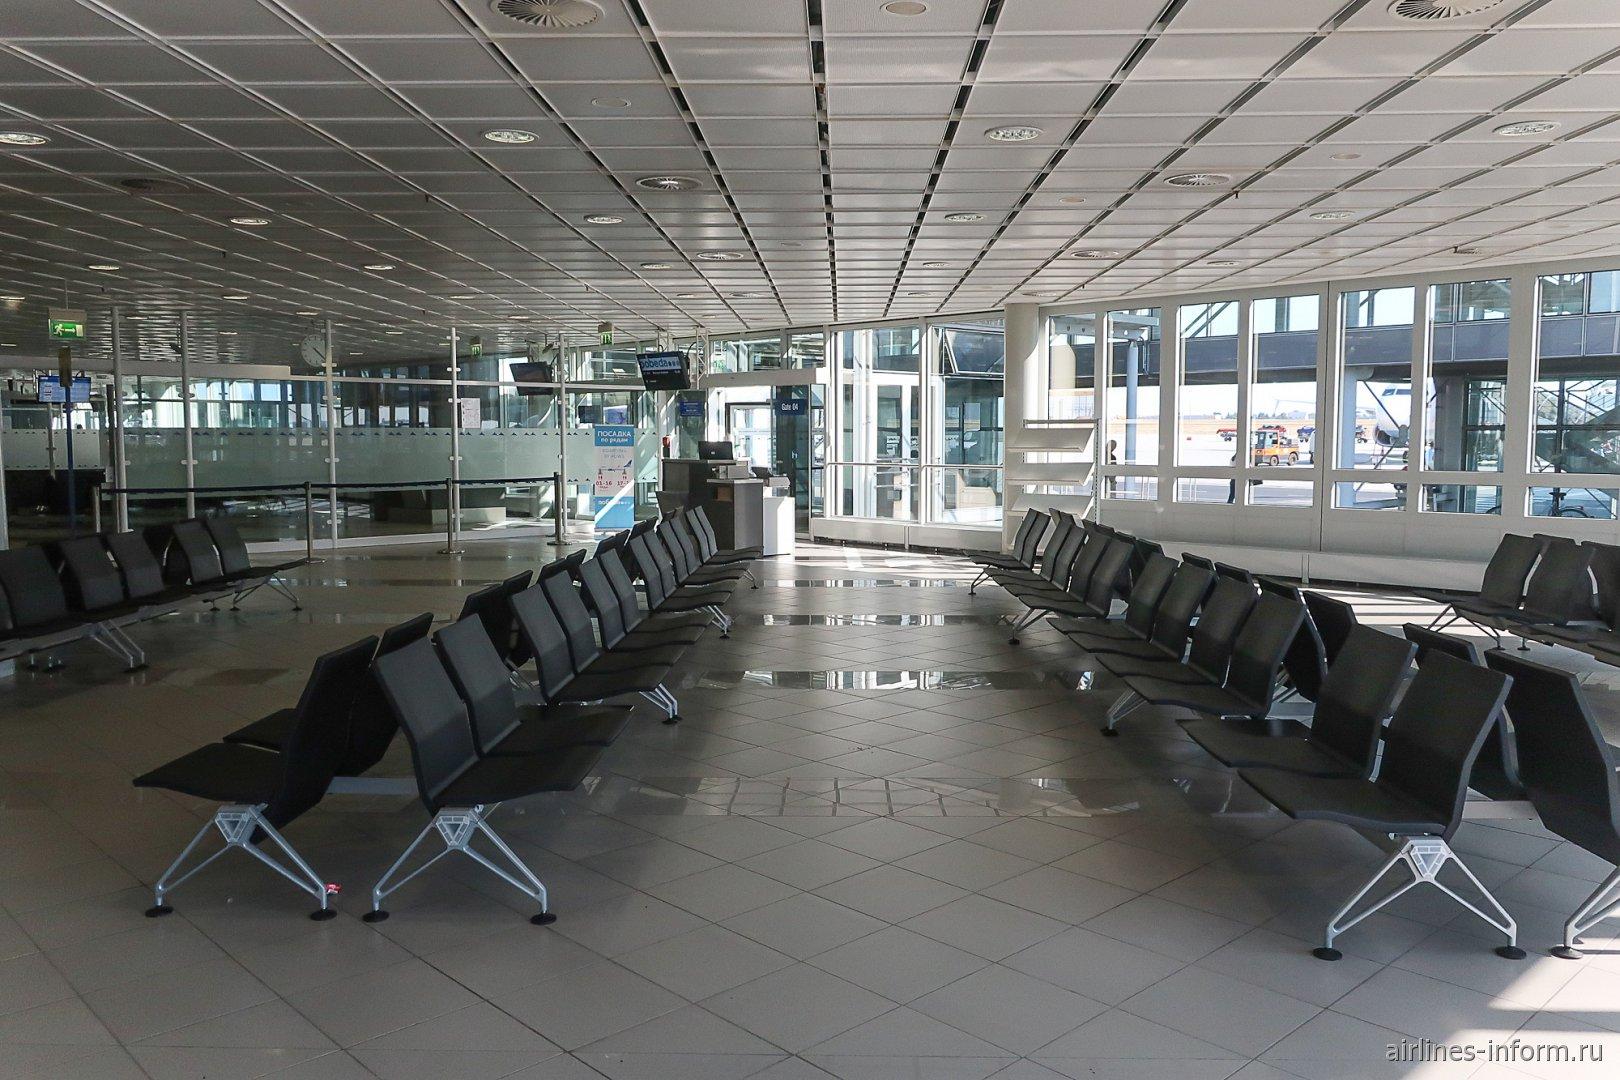 Накопитель перед выходом на посадку в аэропорту Лейпцига